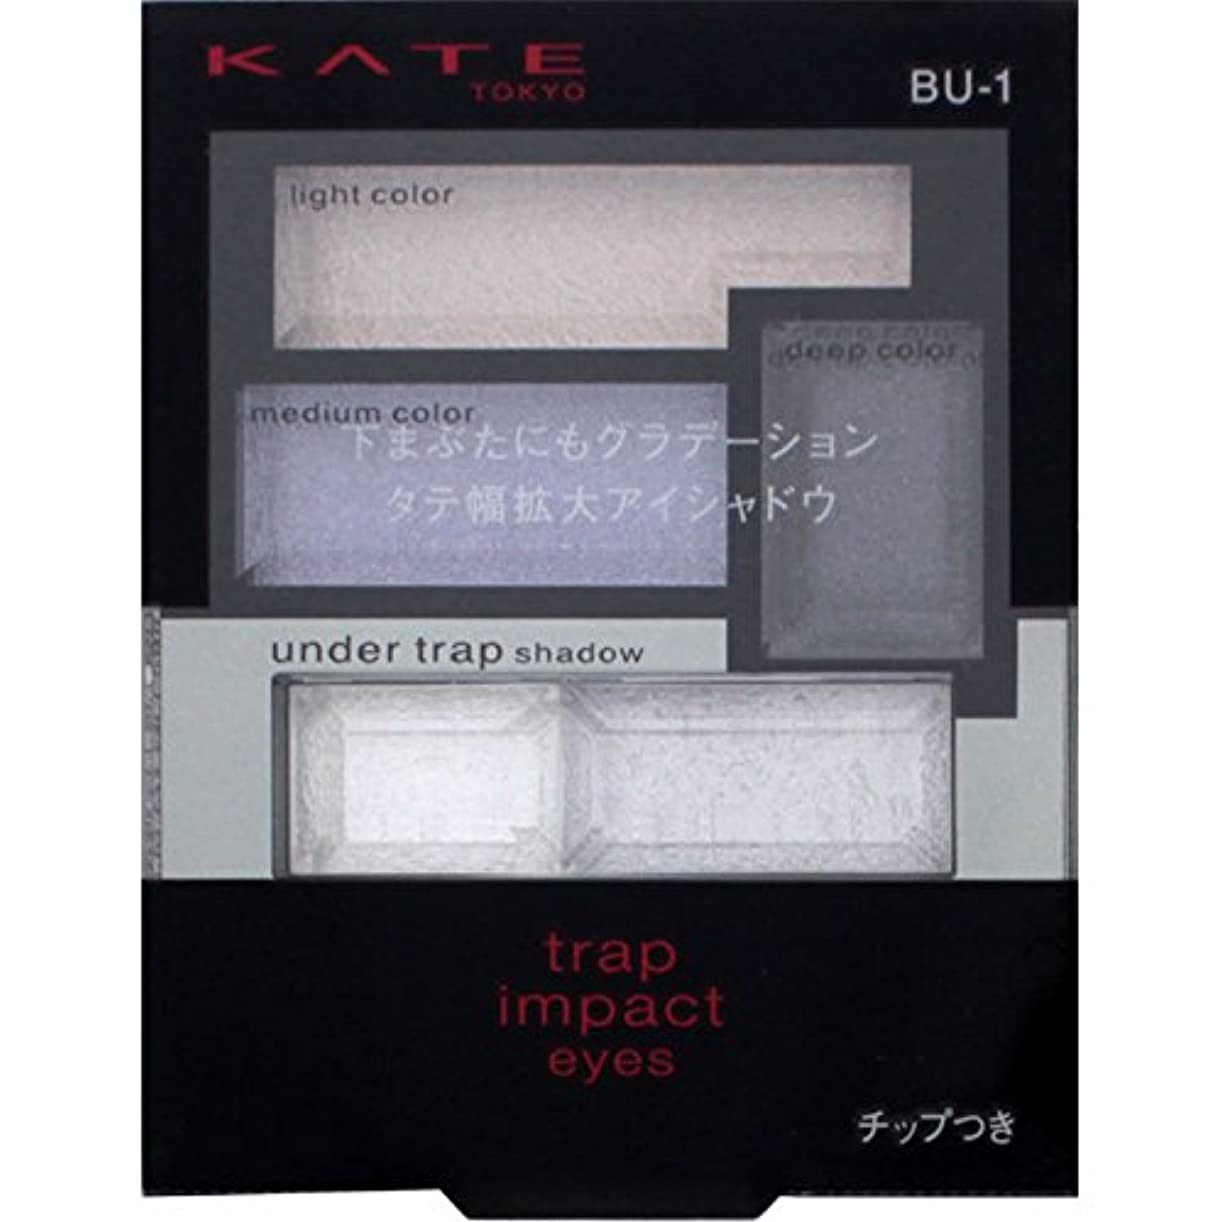 ニンニクピルファー芸術カネボウ ケイト トラップインパクトアイズ BU-1